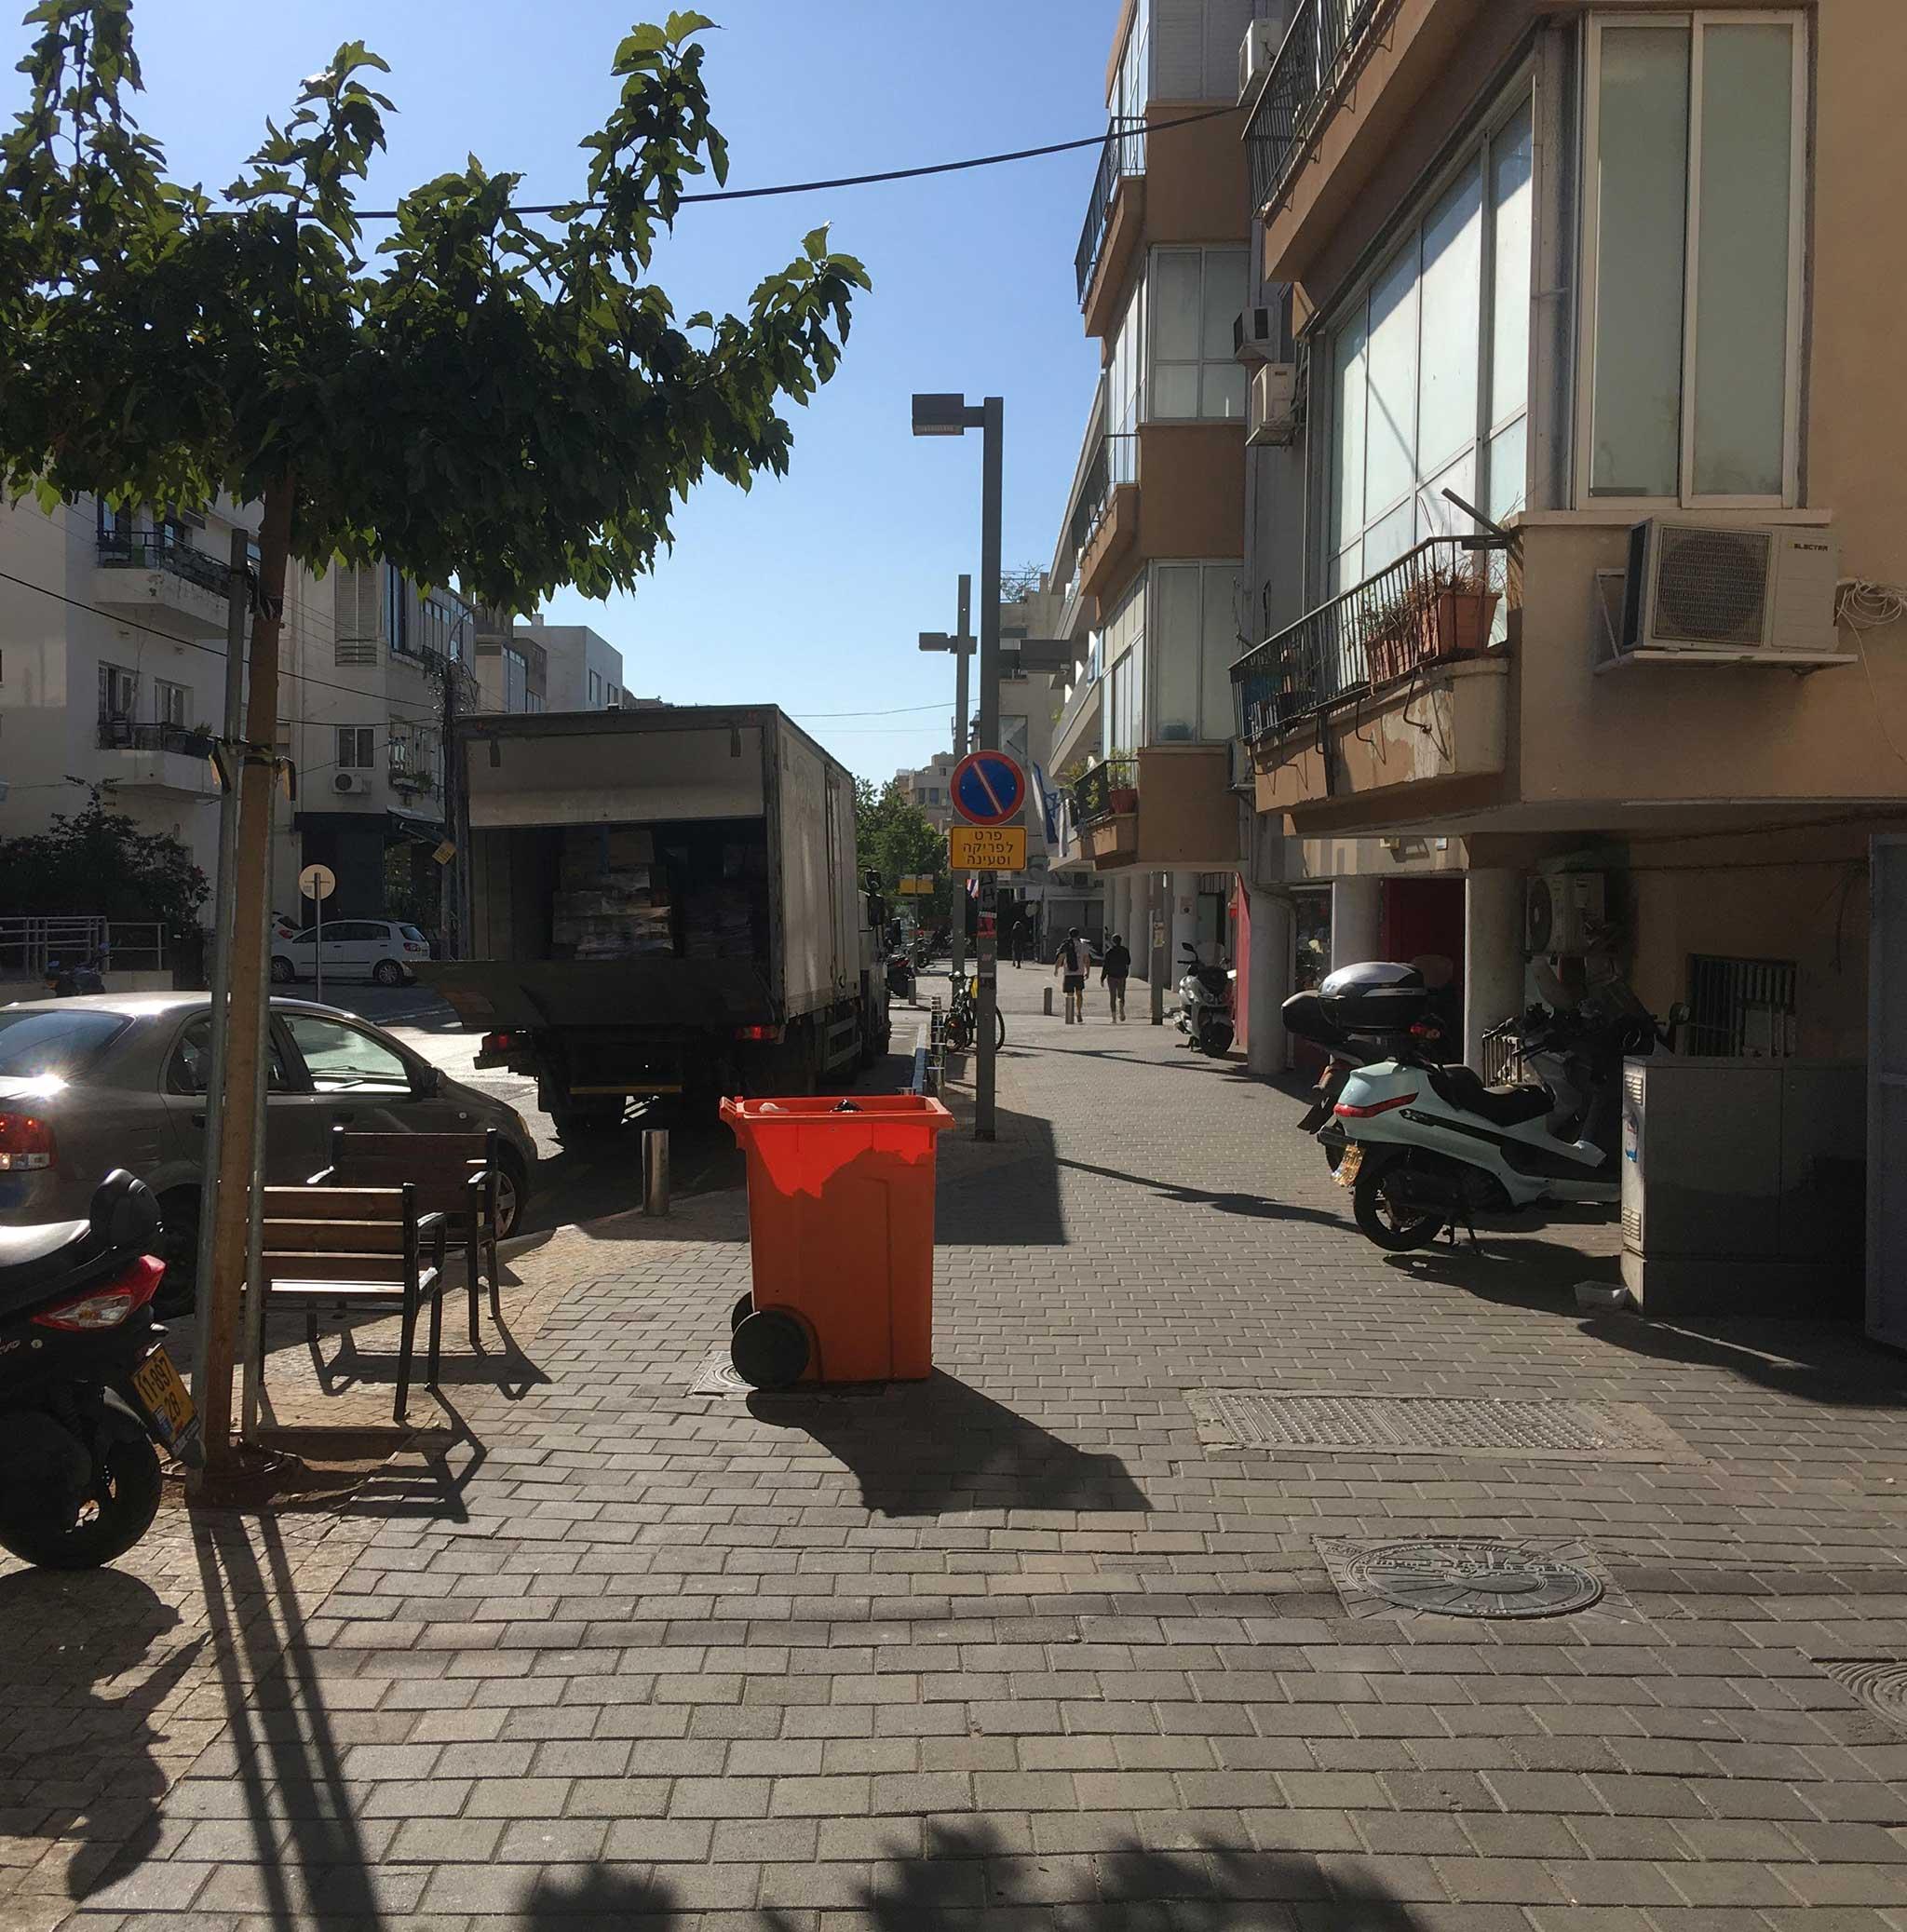 Pinsker Street on Tel Aviv audio tour The White City